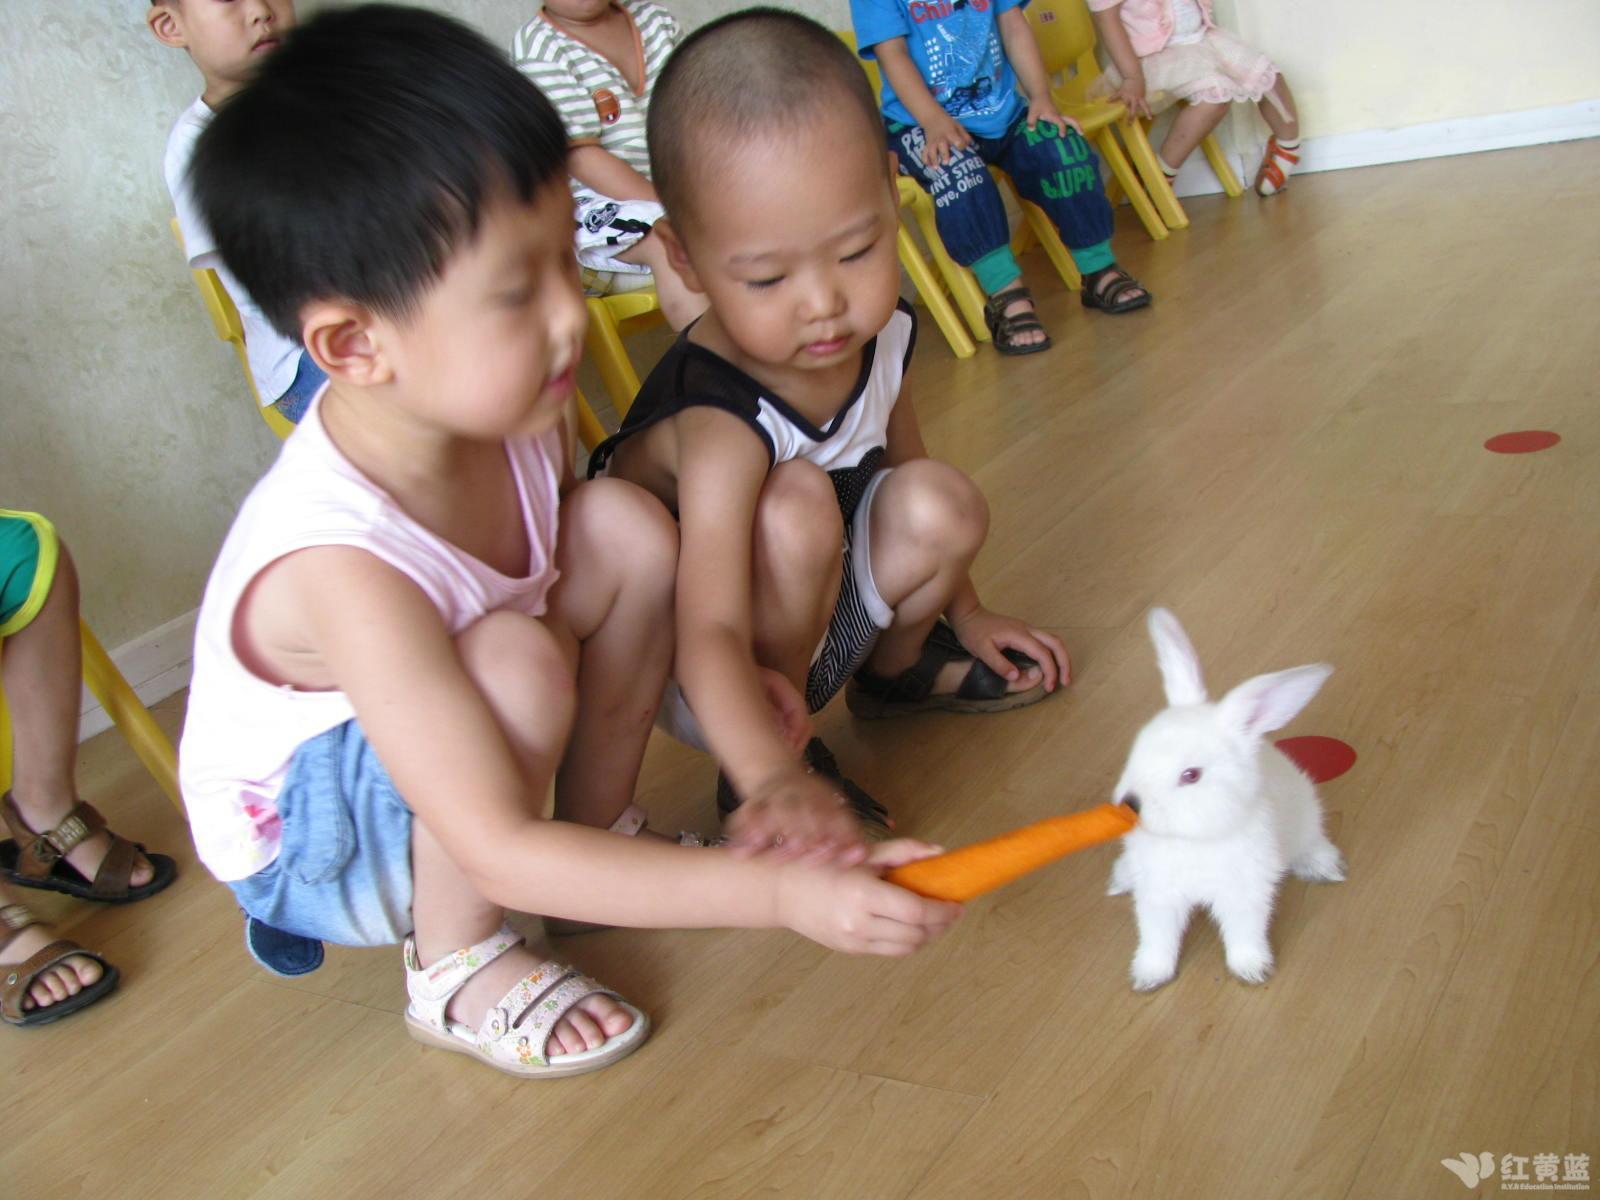 小兔子吃萝卜图片_